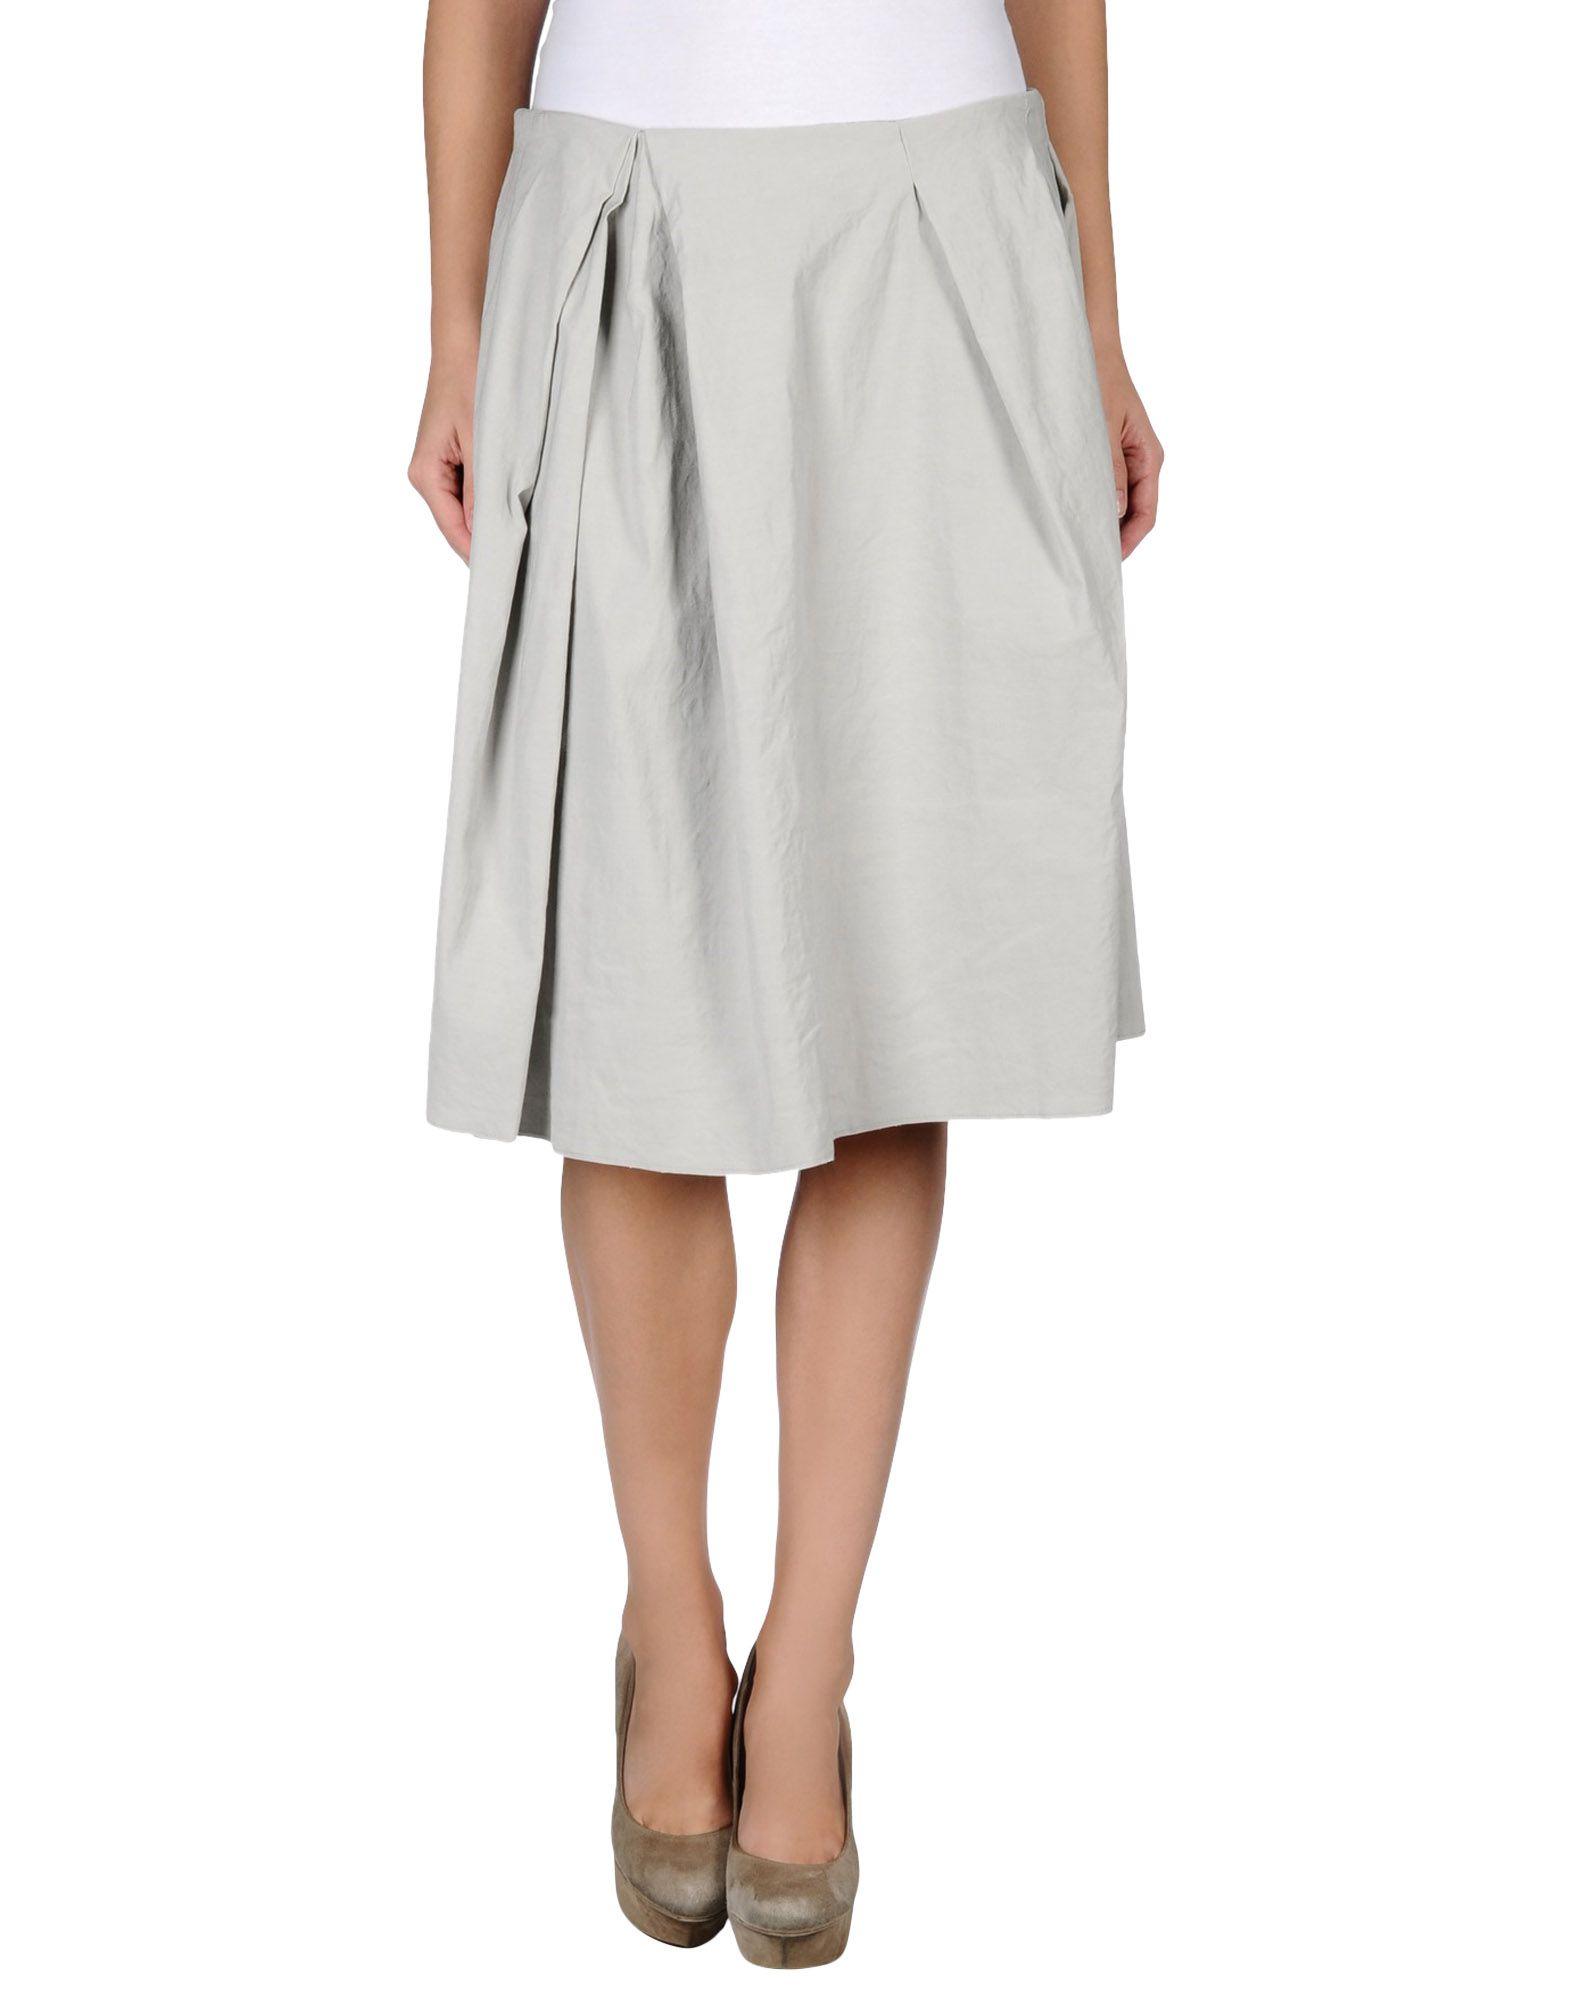 acne studios denim skirt in gray lyst